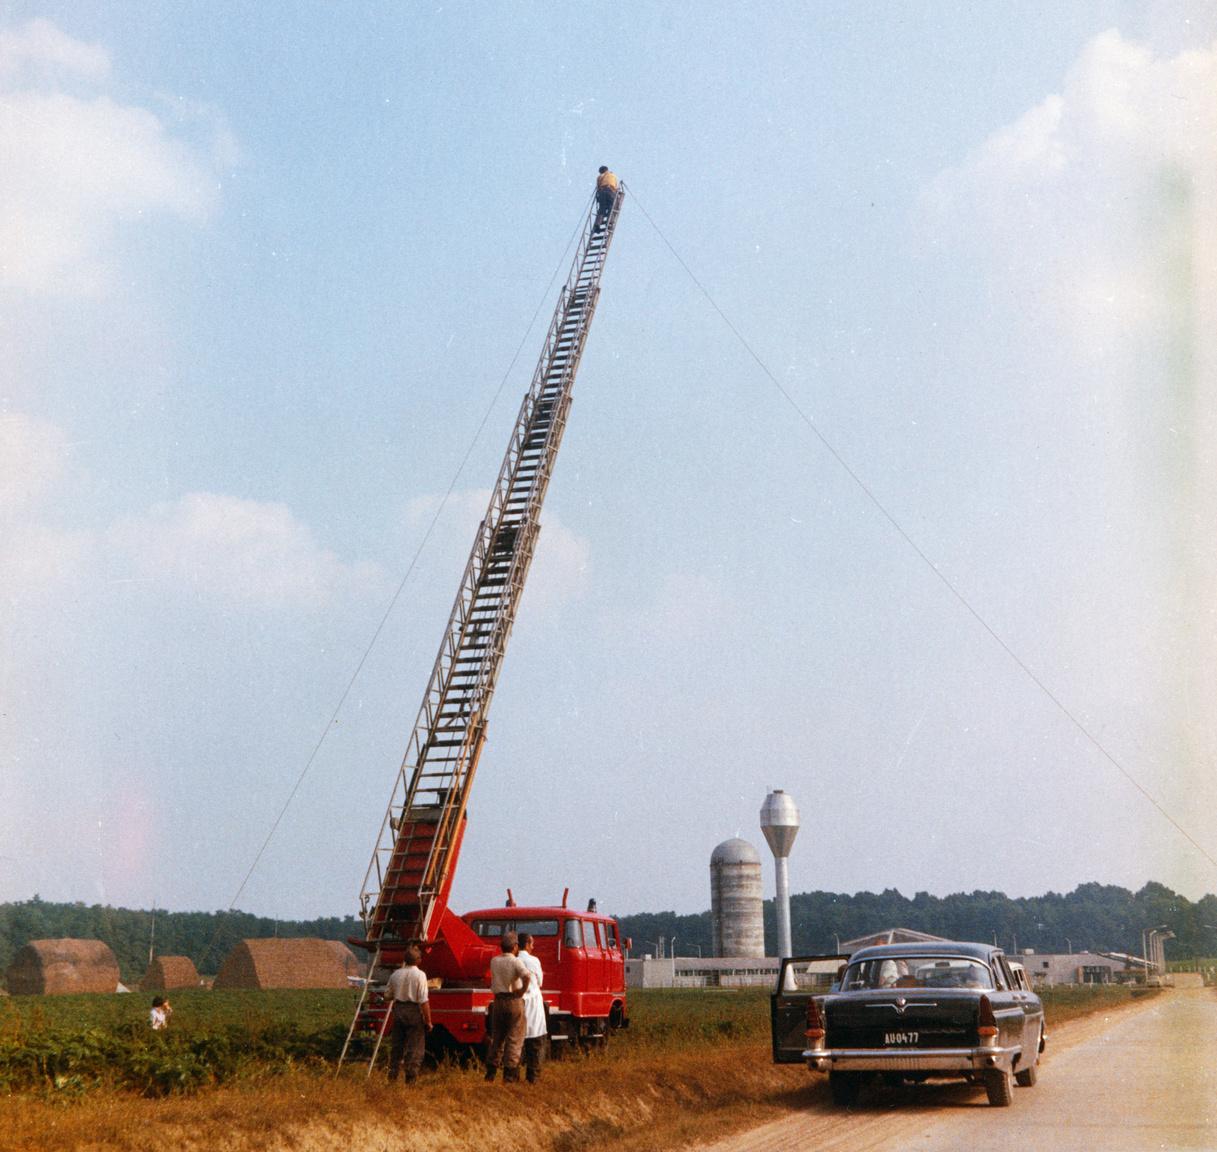 Tűzoltóautó, 1975.A tűzoltóautókat számos helyzetben bevetik, nem csak tűzeseteknél.  Ezeket az eseményeket műszaki mentésnek nevezik, főleg épületkárok és építményeken történt balesetek során hívják segítségül a tűzoltóságot. Ezenkívül folyókon vagy tavakon történt balesetek és katasztrófák helyszínén is a tűzoltók végeznek mentést, és őket hívják közműbalesetekhez, elemi csapások helyszínére – például, amikor egy faág esik a villanyvezetékre –, ha földalatti üregekbe ragadt embert vagy állatot kell kiszabadítani, sőt, veszélyes anyagok mentéséhez is. A tűzoltók feladata az életmentés, balesetelhárítás, az anyagi értékek mentése és a közúti forgalom akadályelhárítása is. A képen látható létra a magasból mentésre szolgál, létezik mélyből mentési szerkocsi, mely mászóeszközöket és mentőköteleket is tartalmaz.